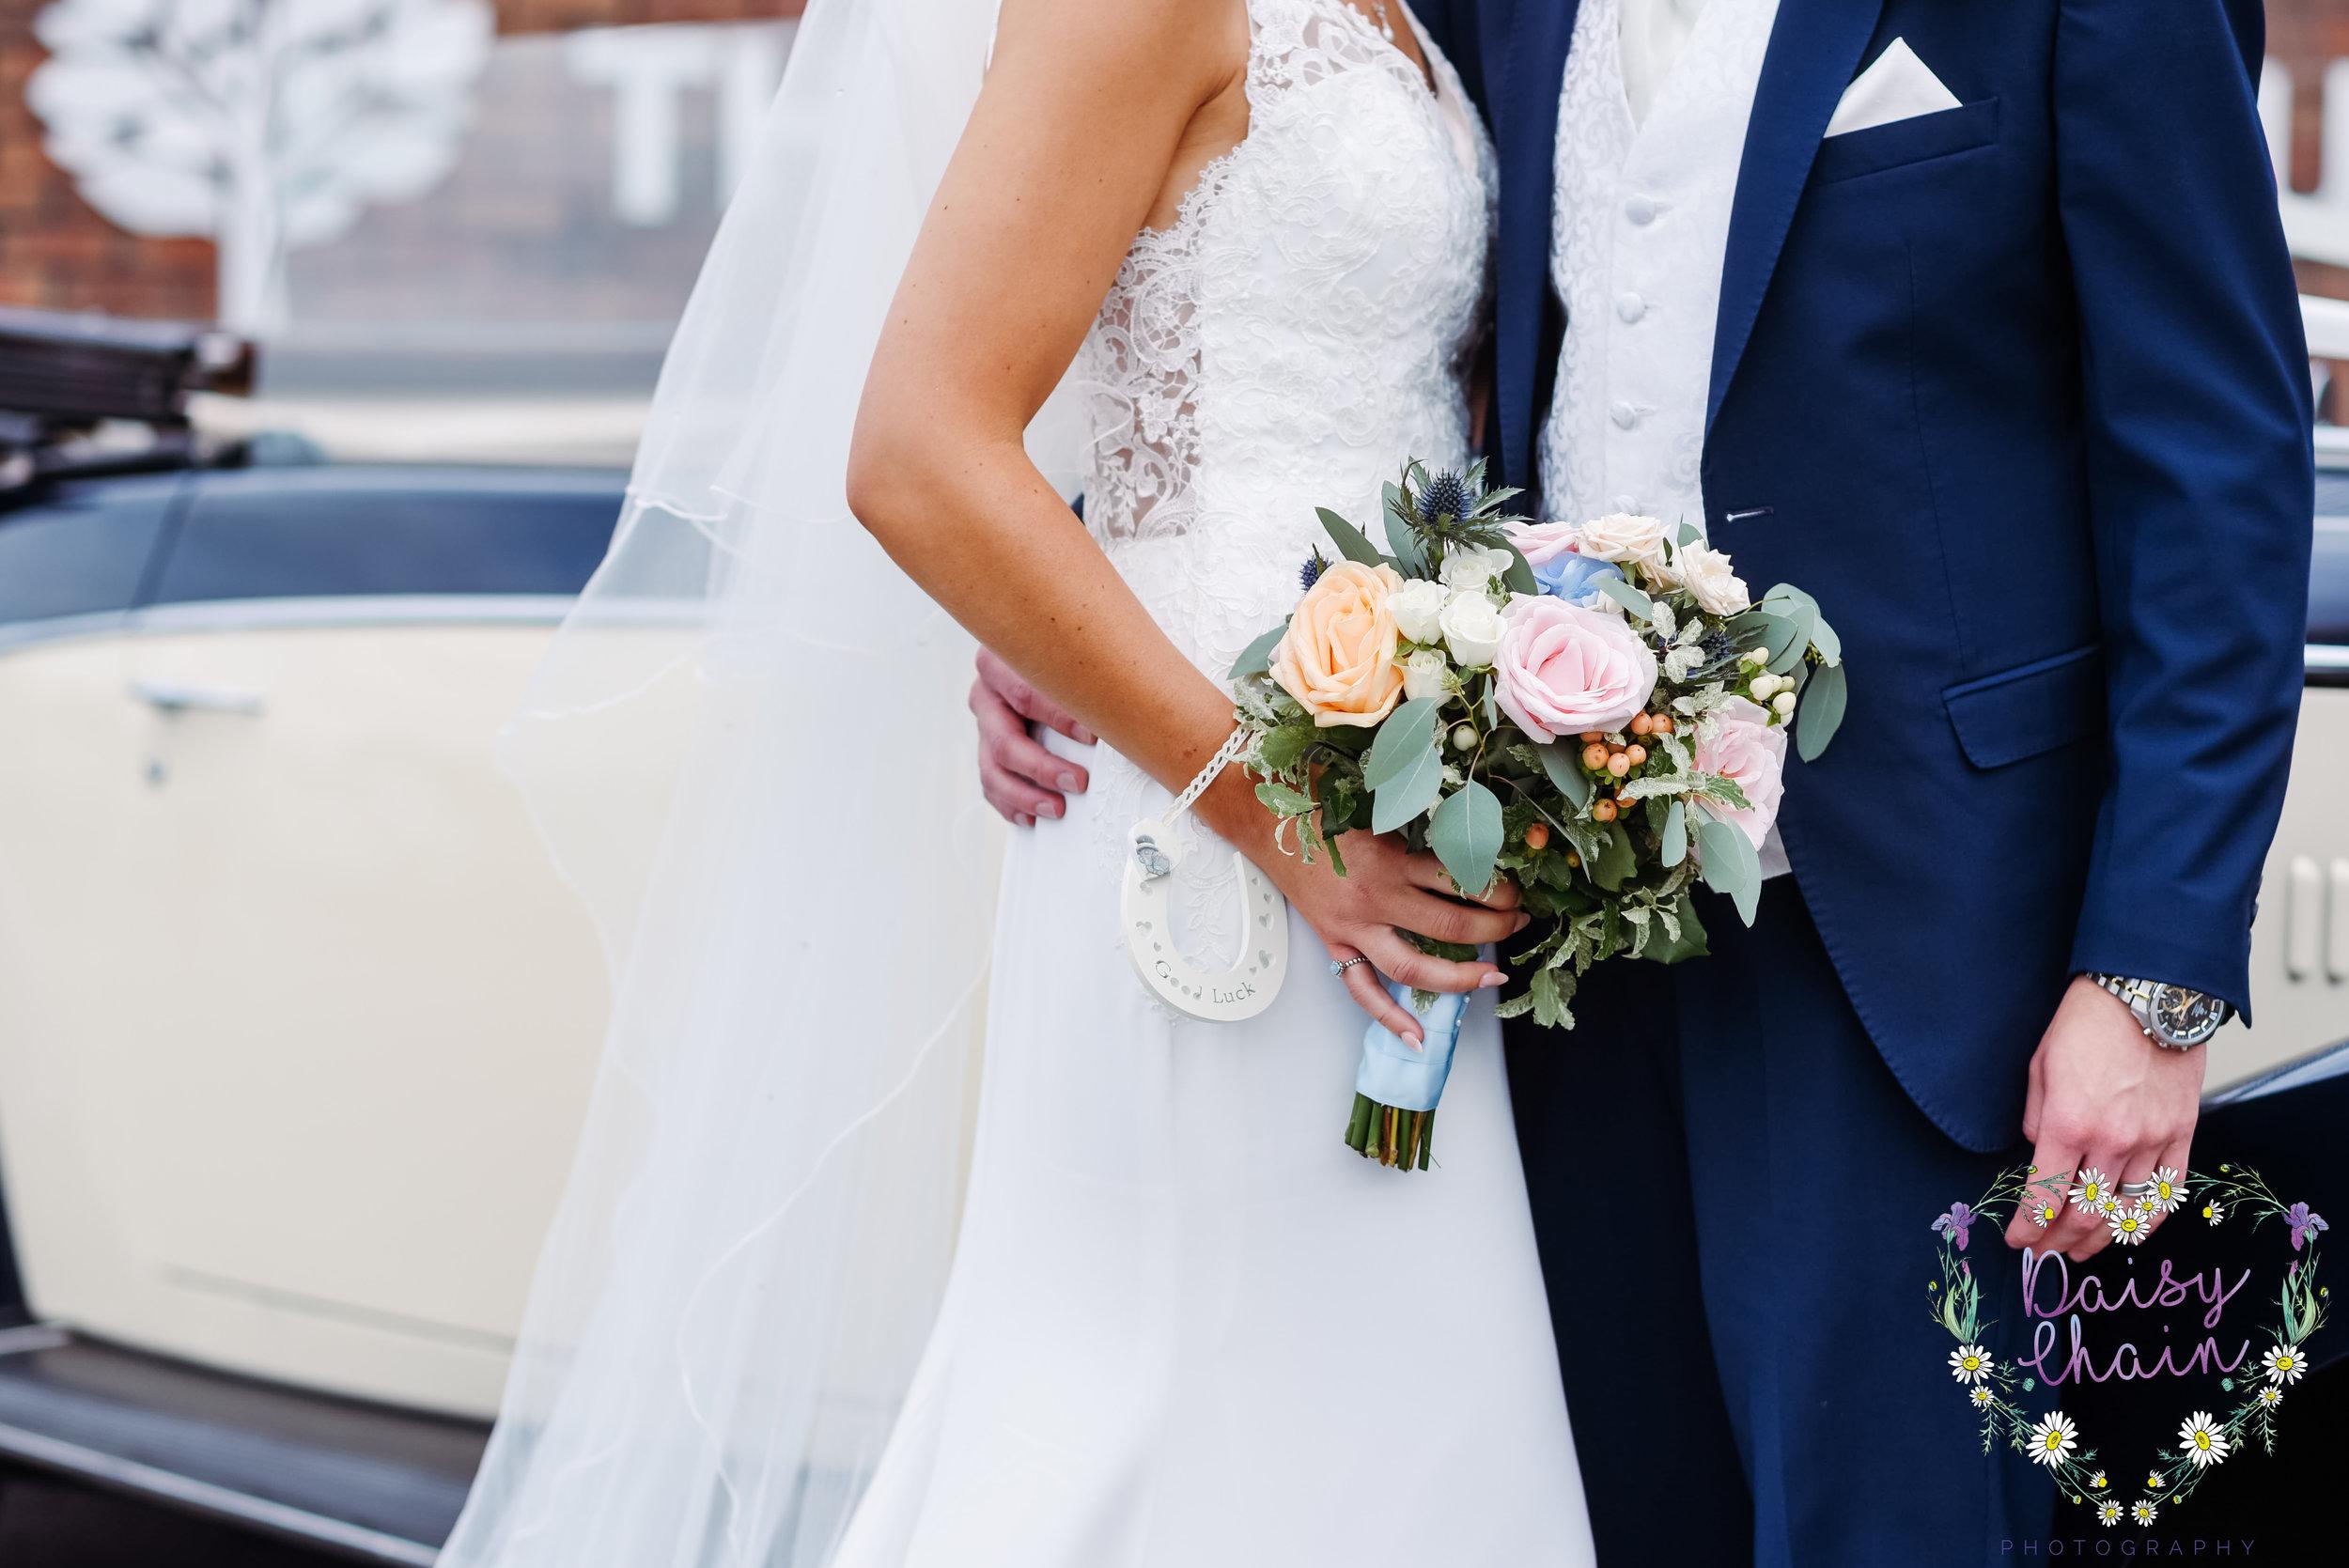 Wedding details - wedding bouquet